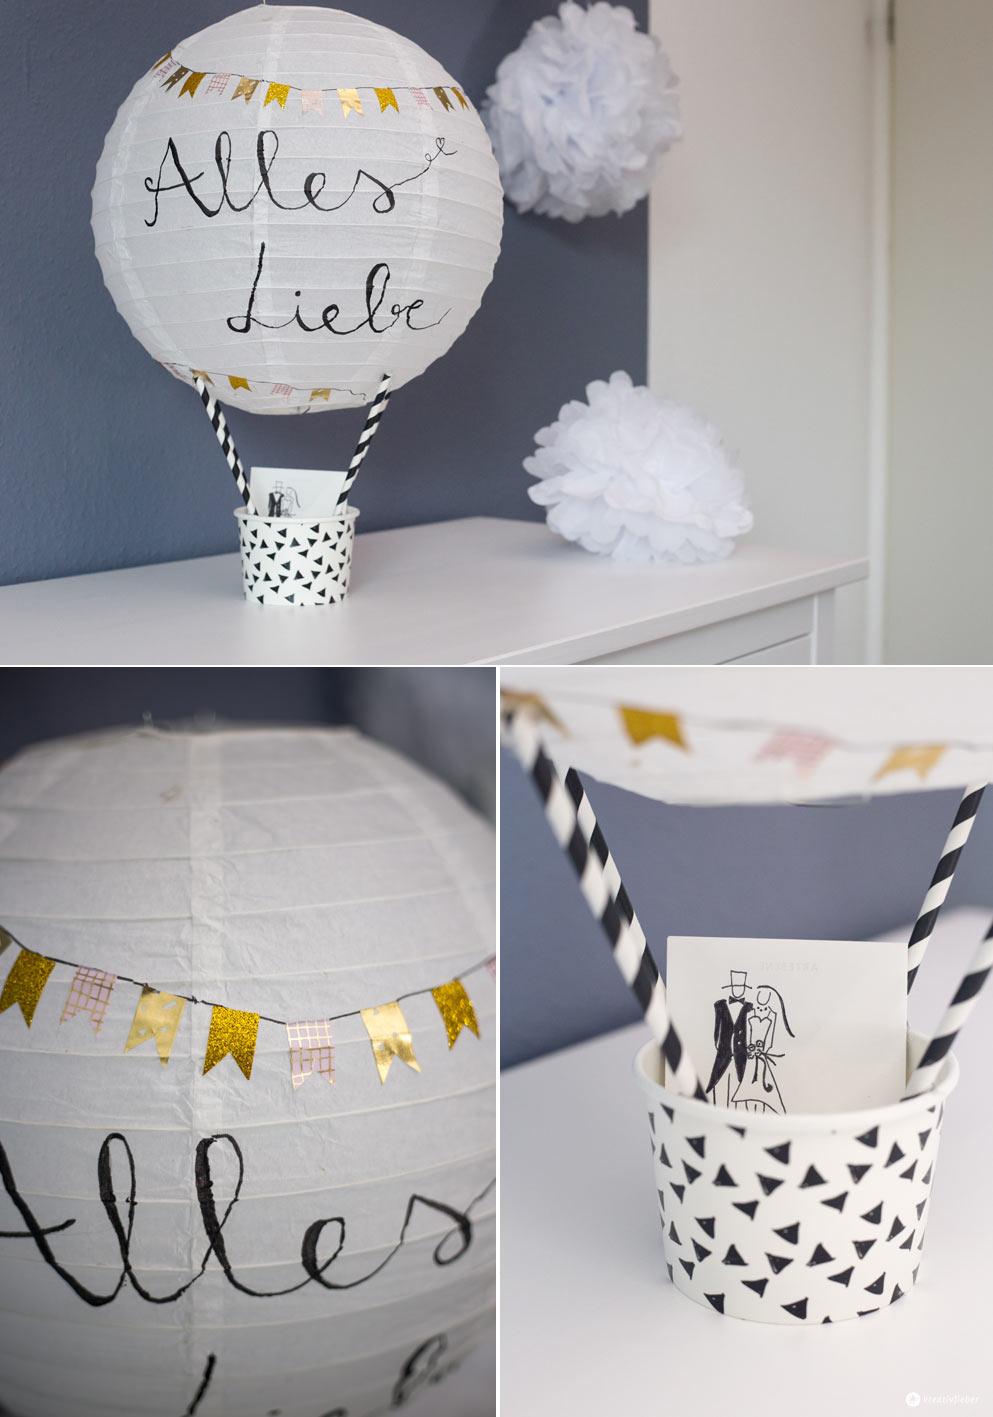 DIY Geschenkidee zur Hochzeit - Heißluftballon Geldgeschenk basteln - Geldgeschenk schön verpacken Anleitung